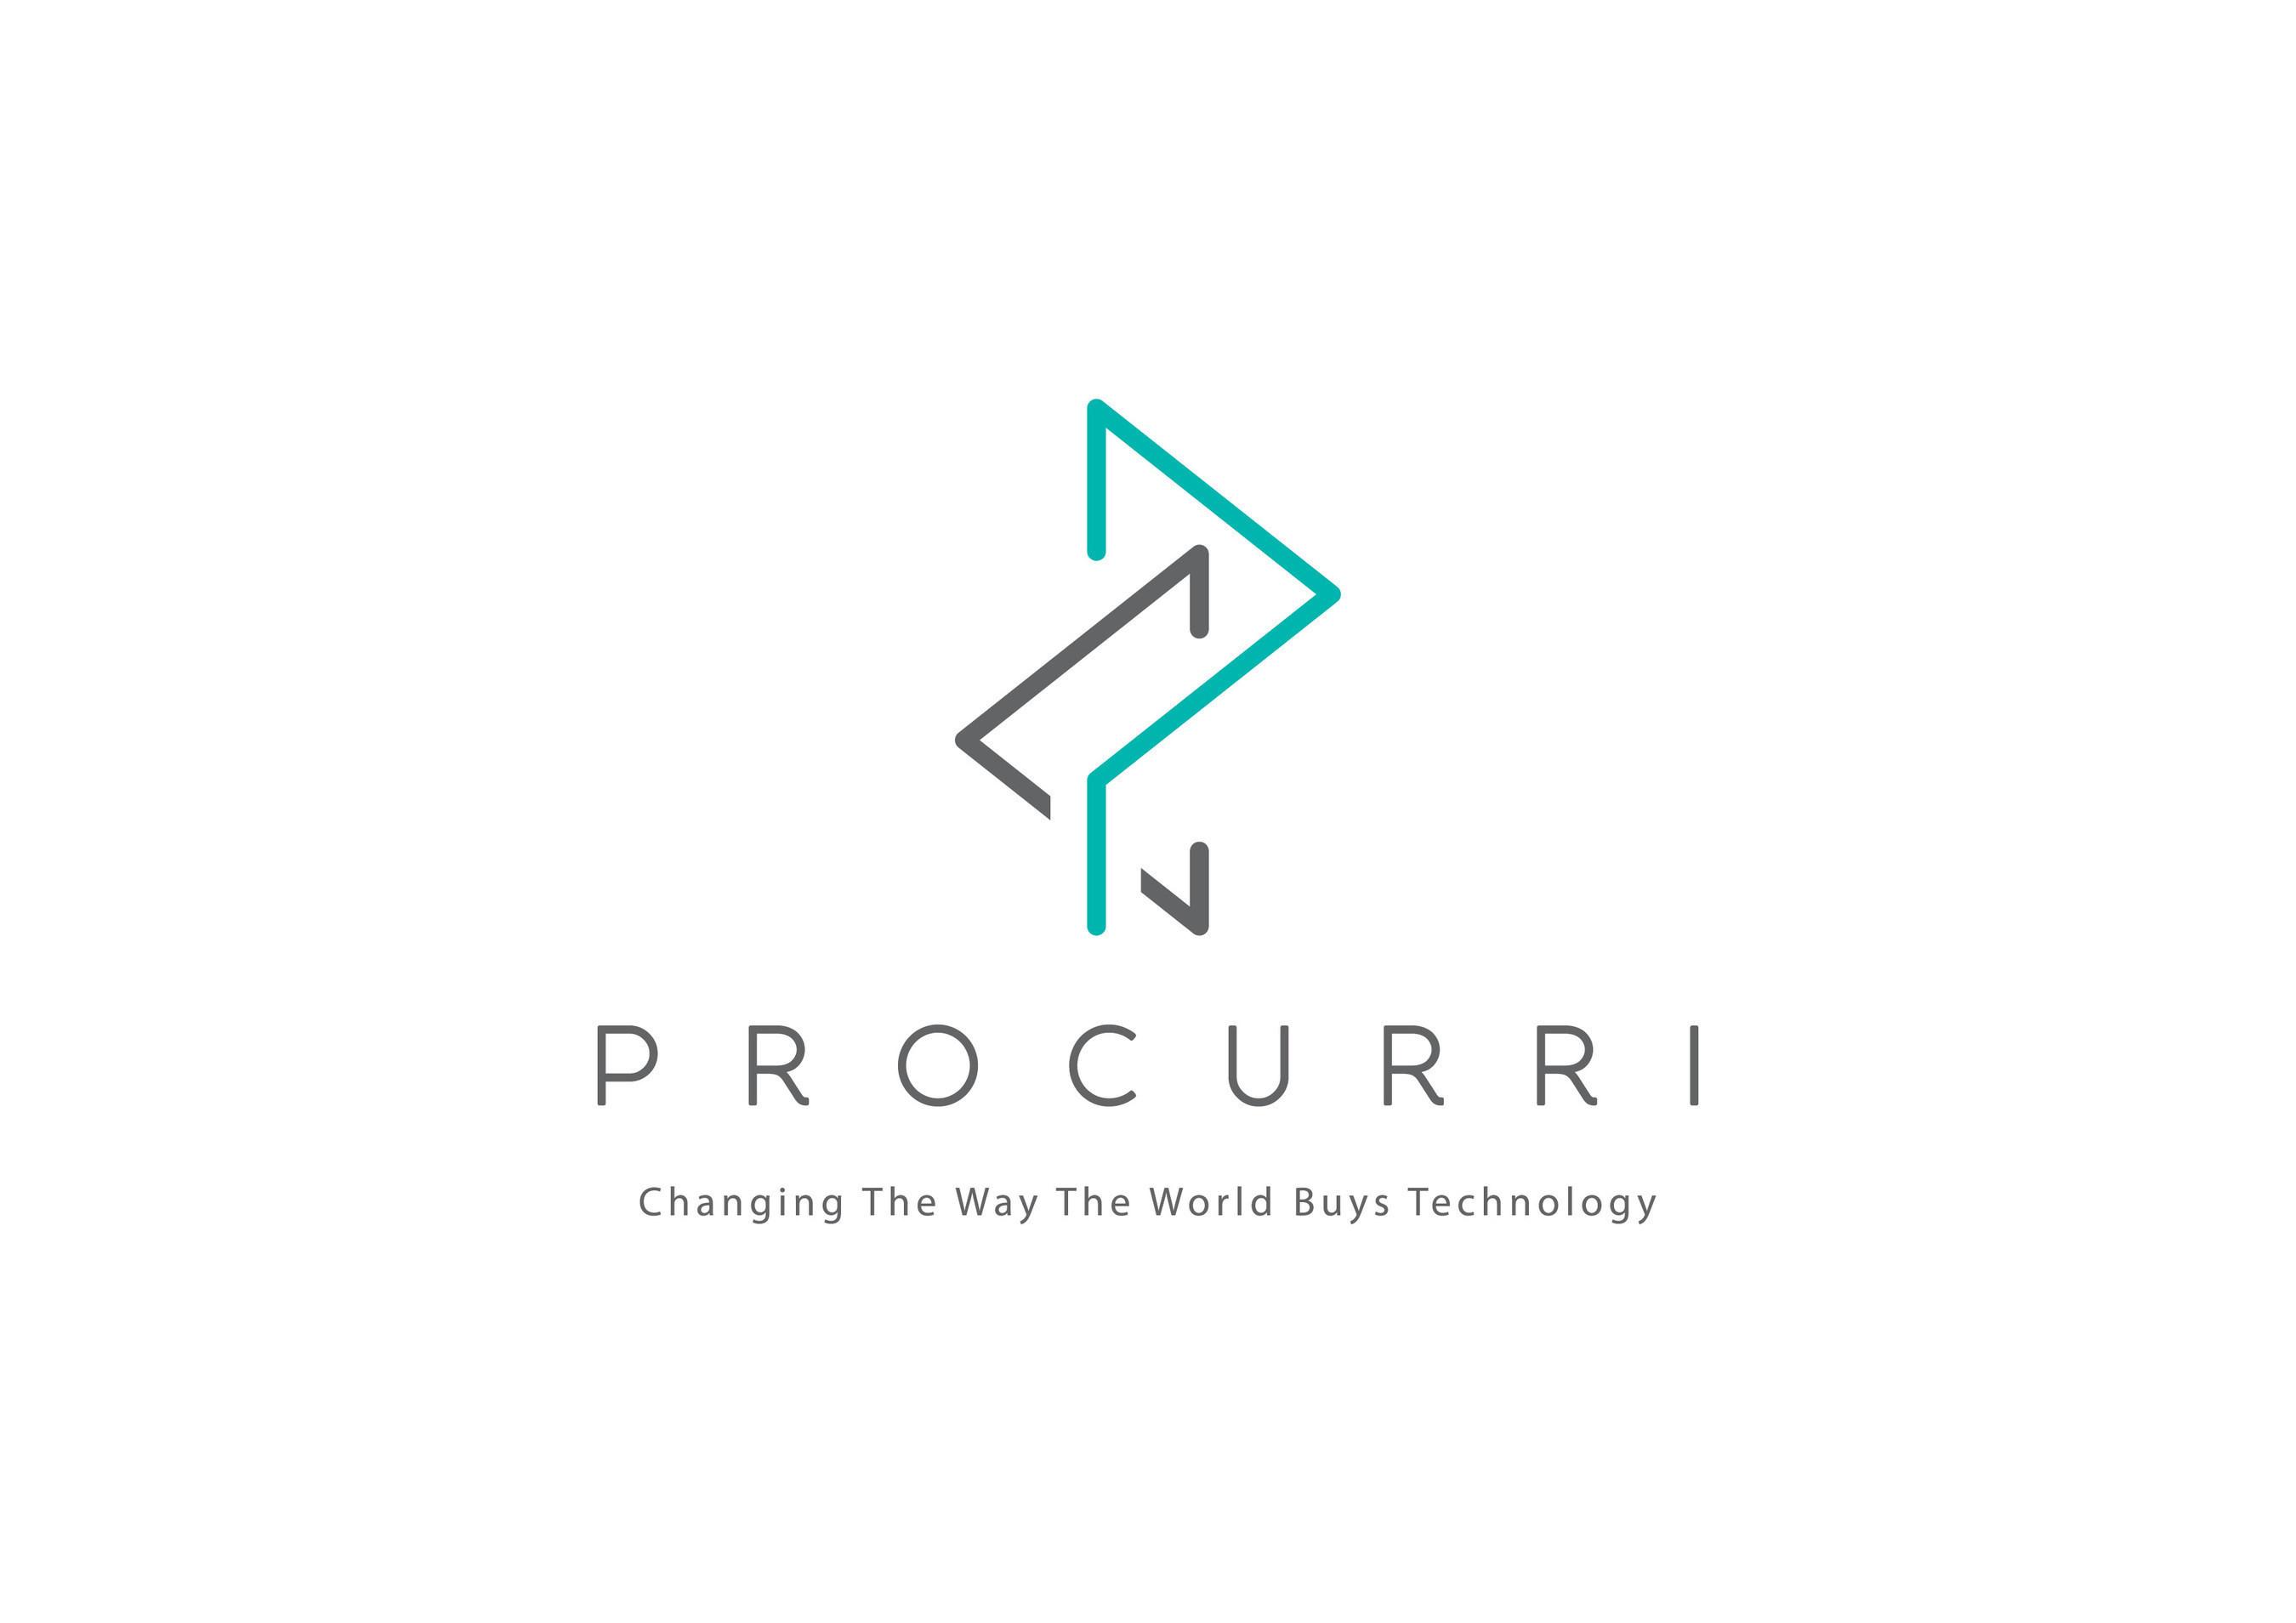 Procurri презентовала международный бренд и новый фирменный логотип